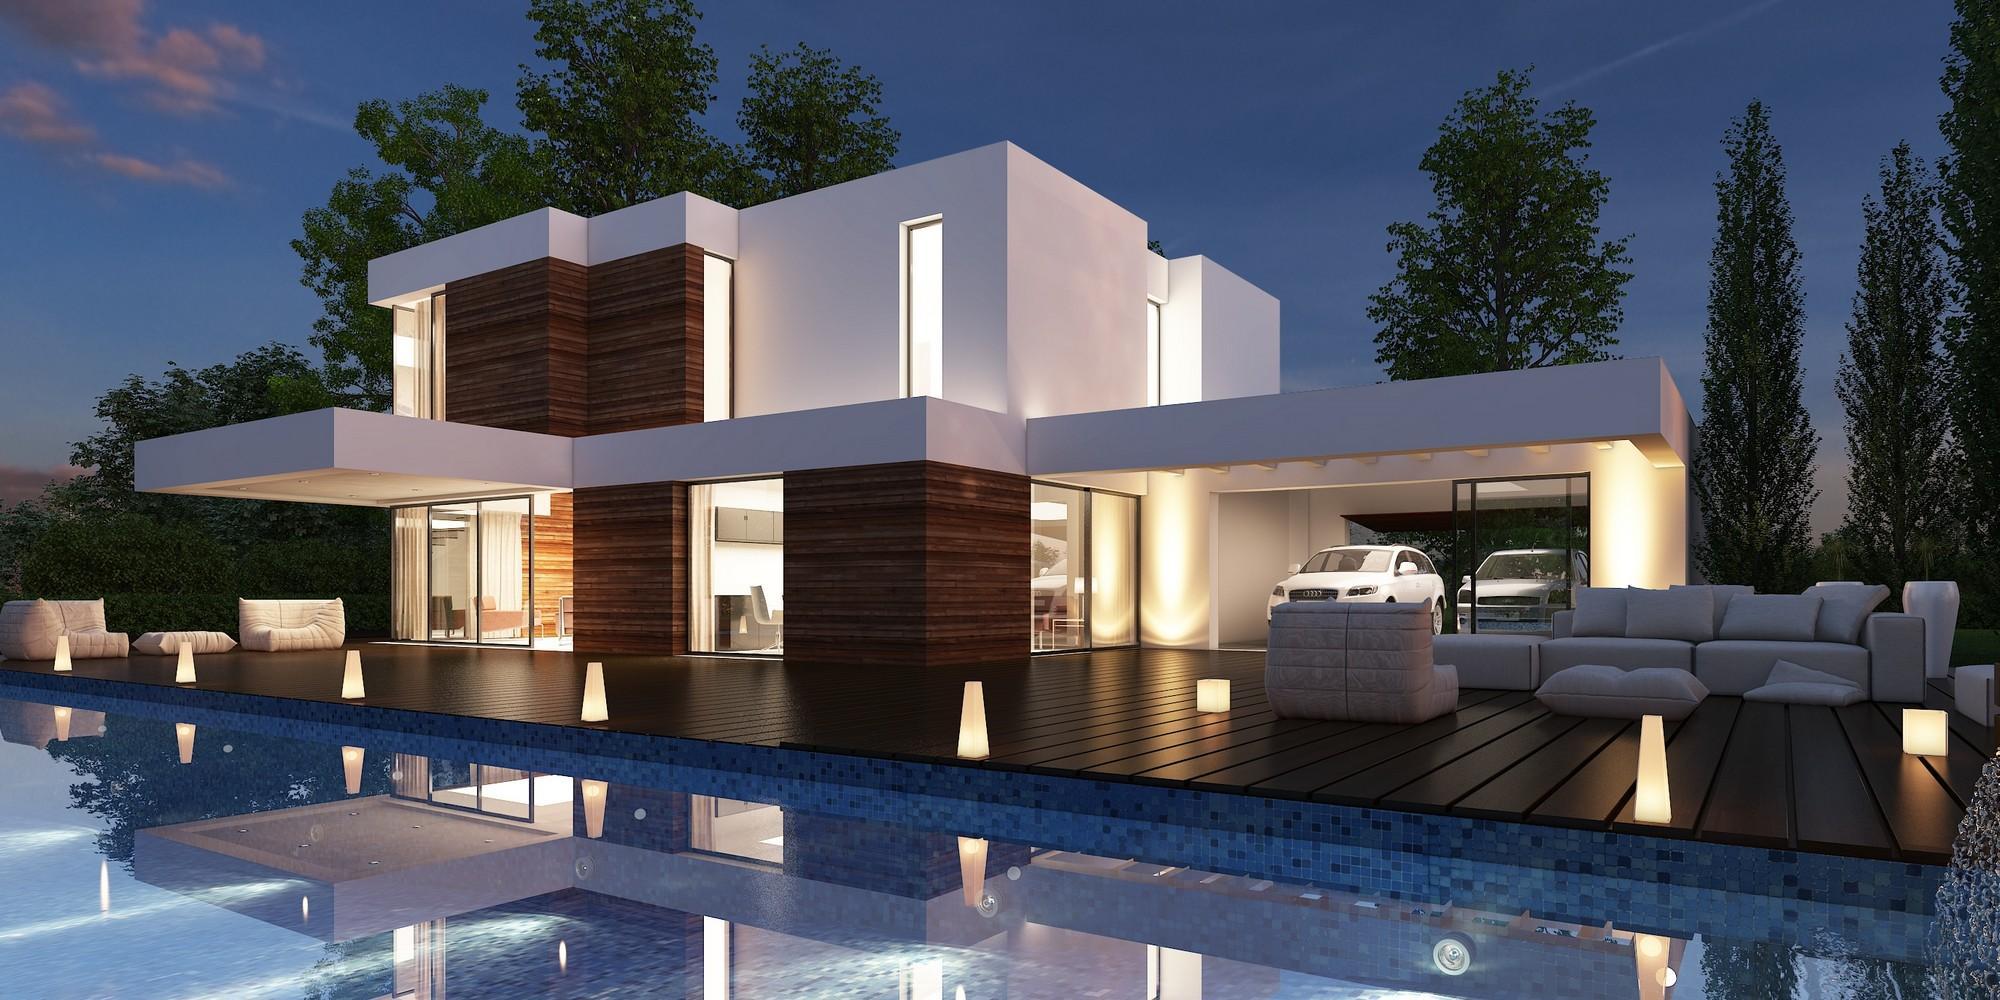 132 casas bonitas modernas fotos lindas for Construir casas modernas